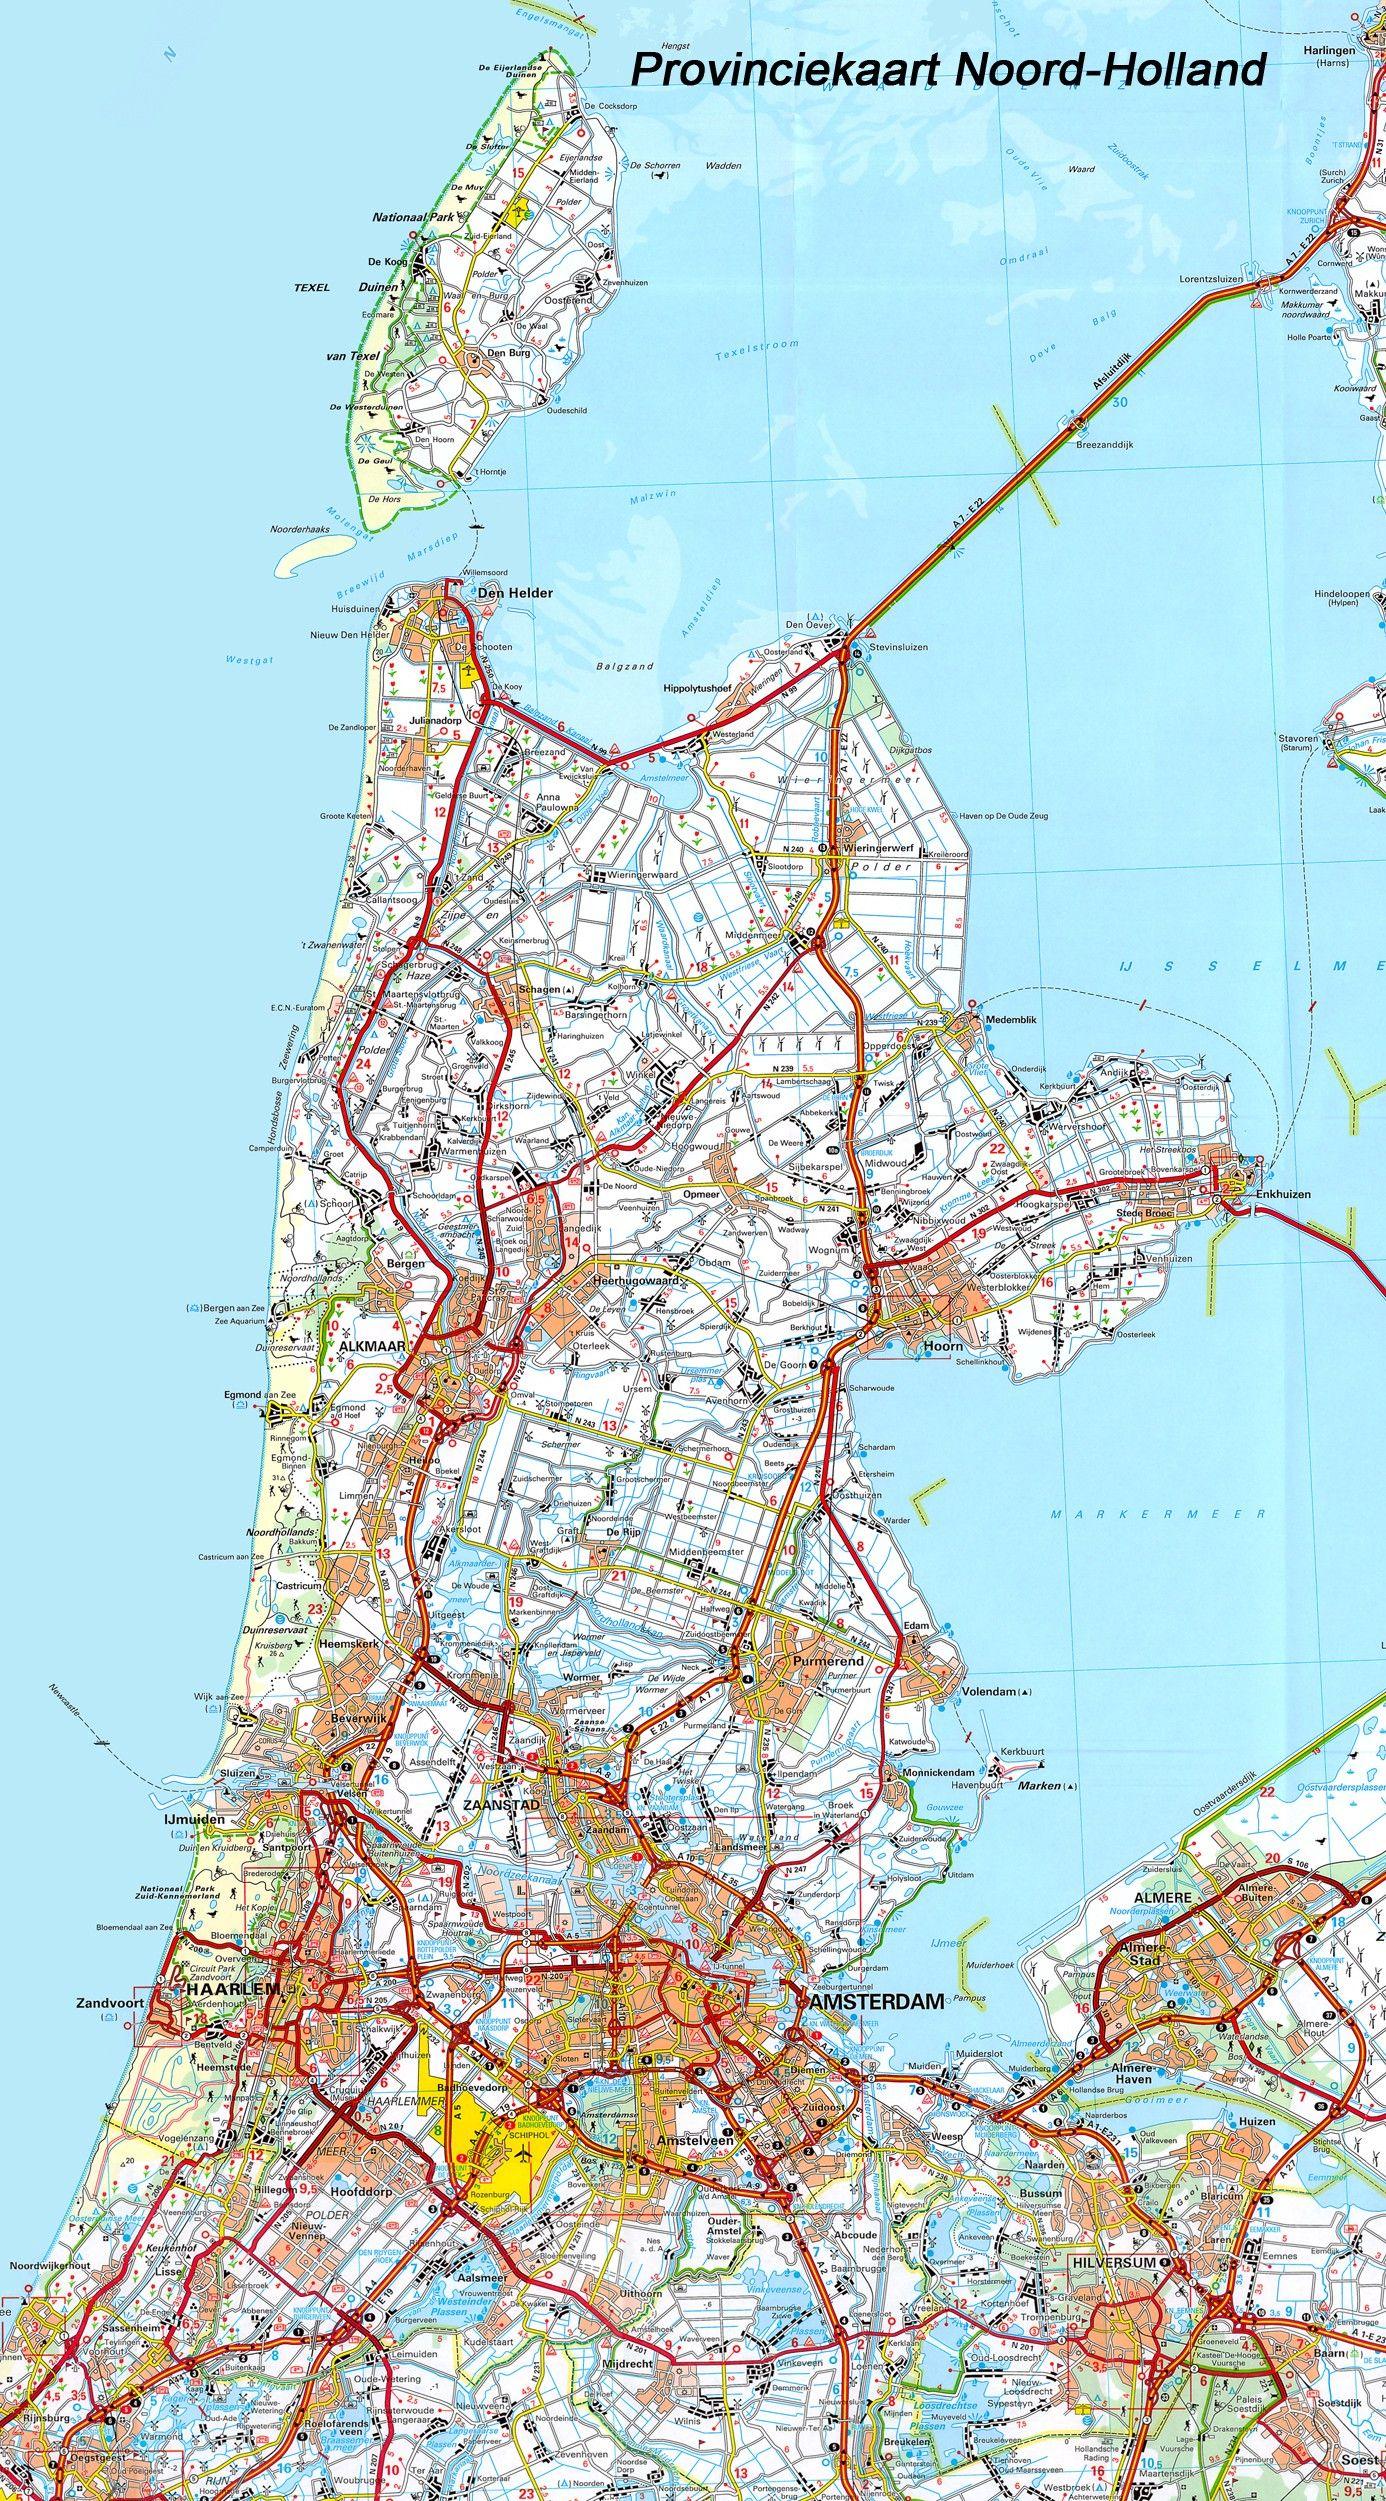 Provincie kaart Noord-Holland 1:100.000